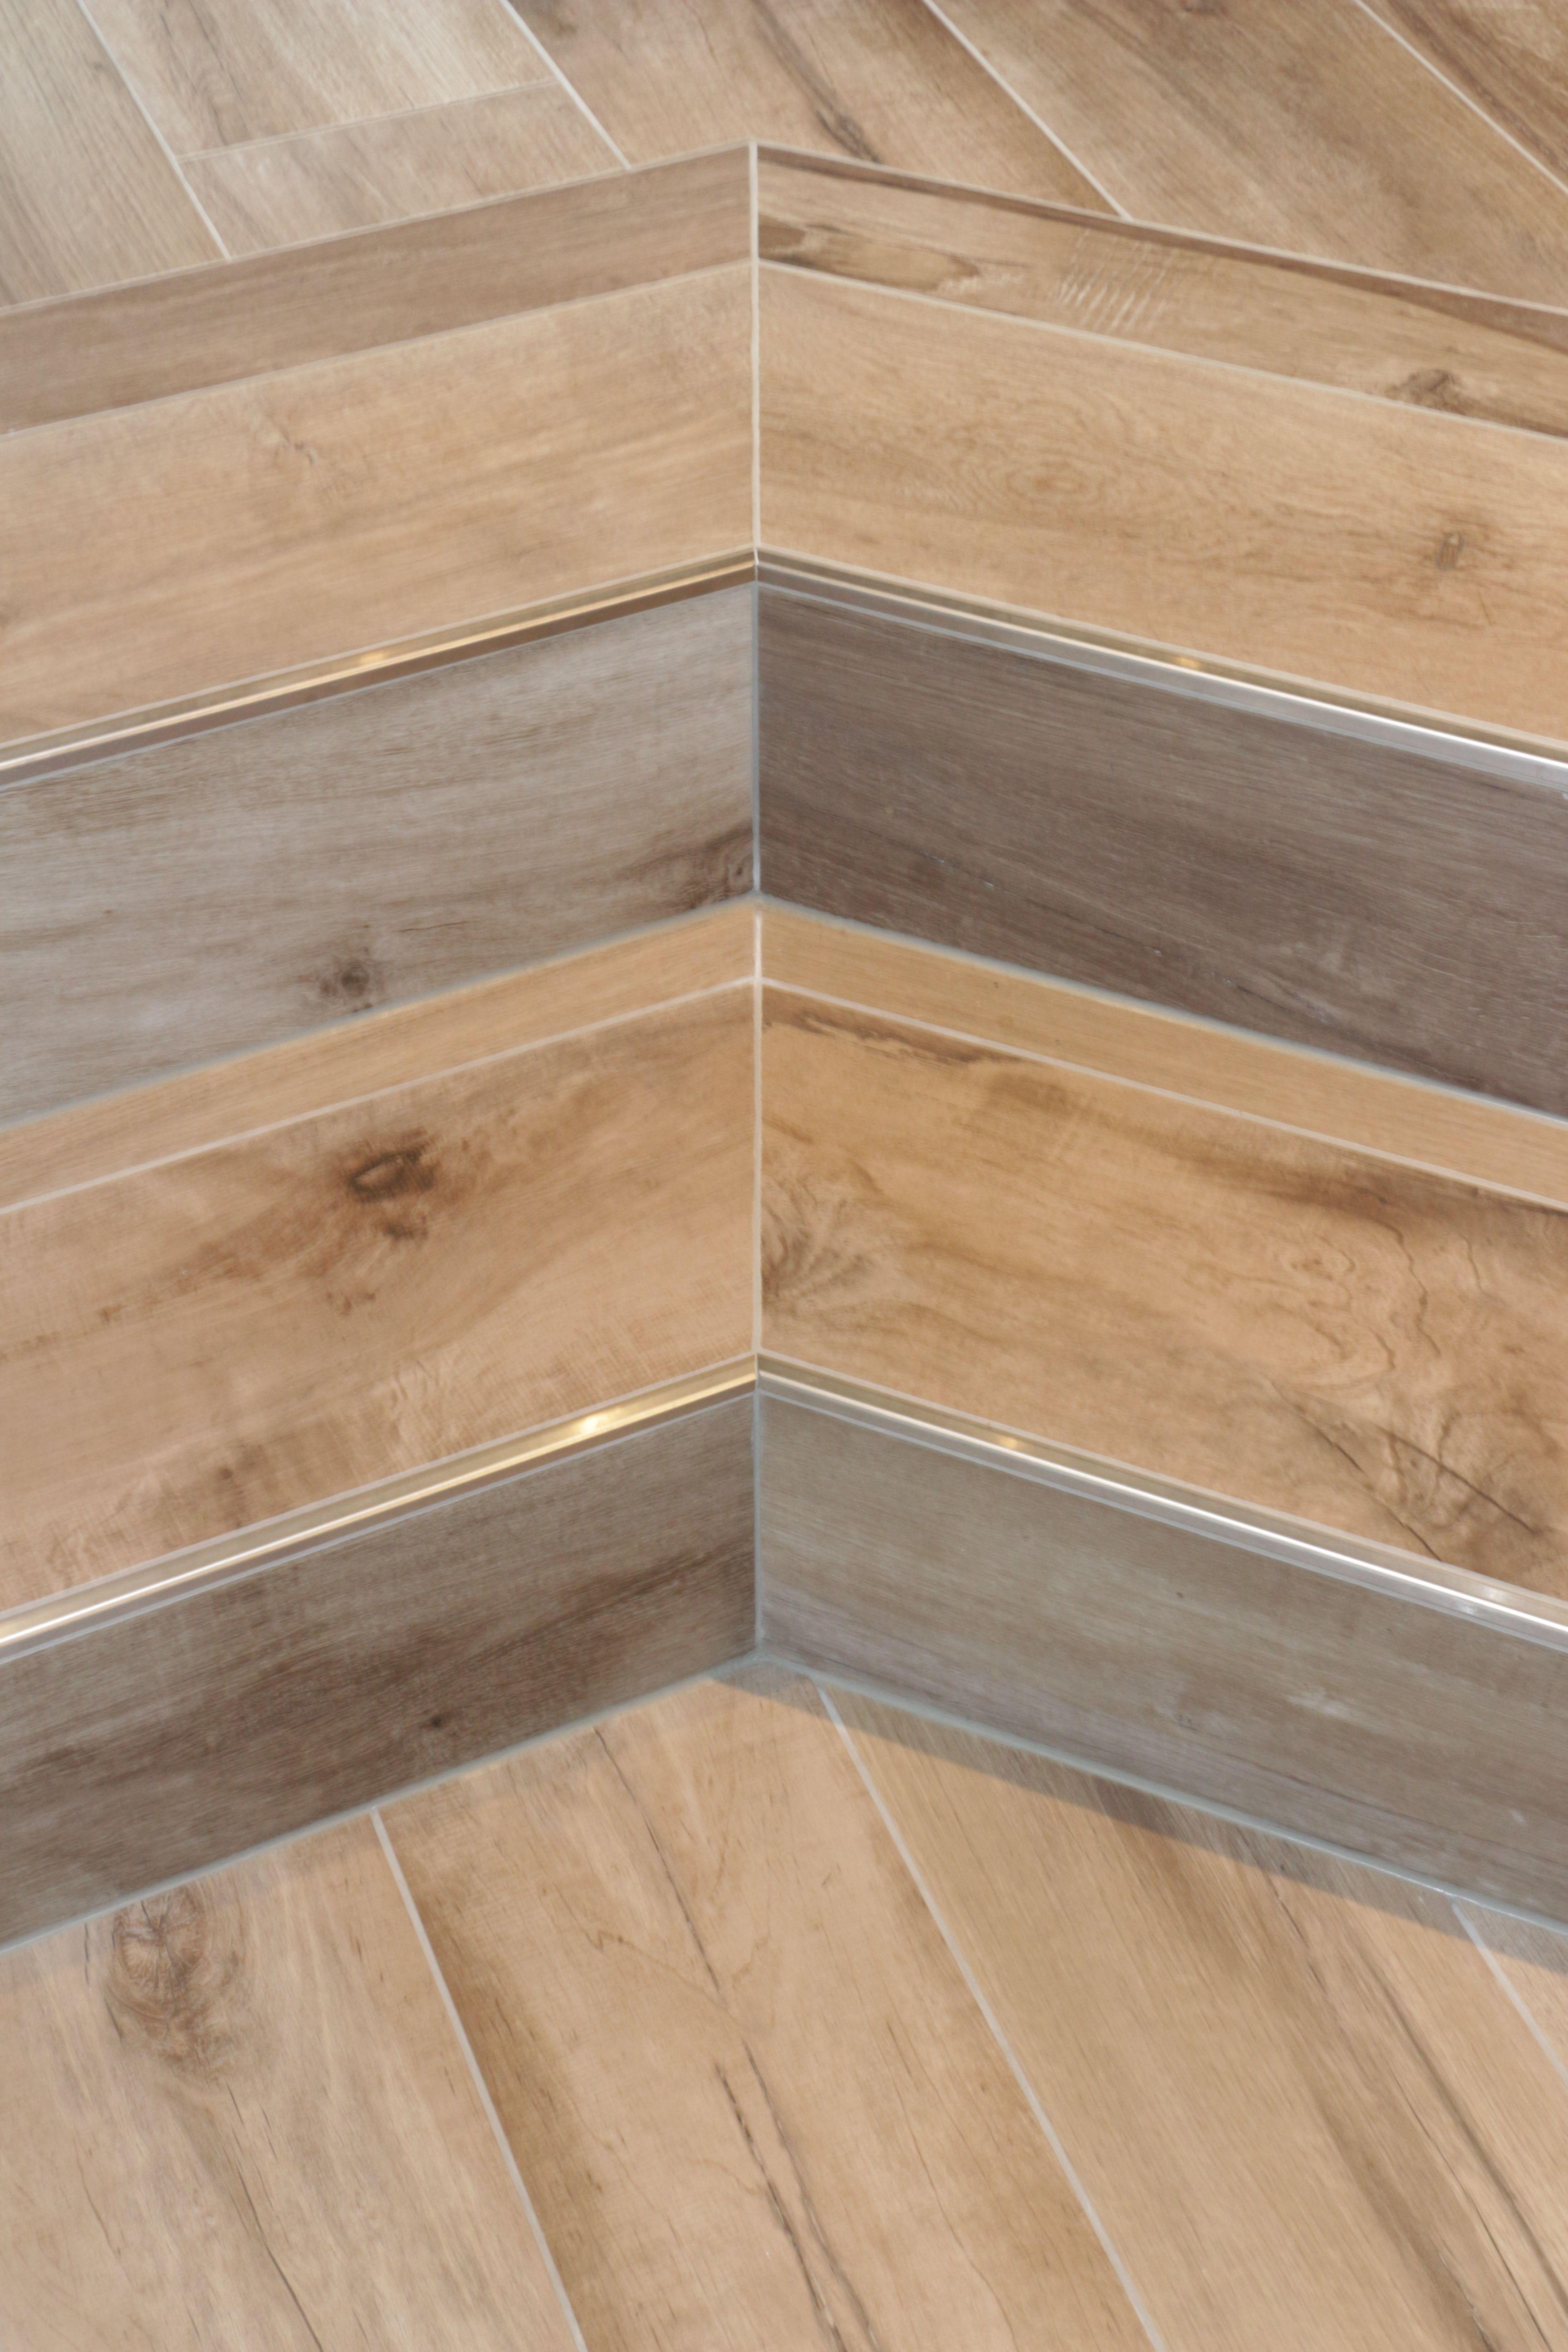 treppengestaltung mit einem feinsteinzeug mit abschlussschiene von schl ter system schl ter. Black Bedroom Furniture Sets. Home Design Ideas